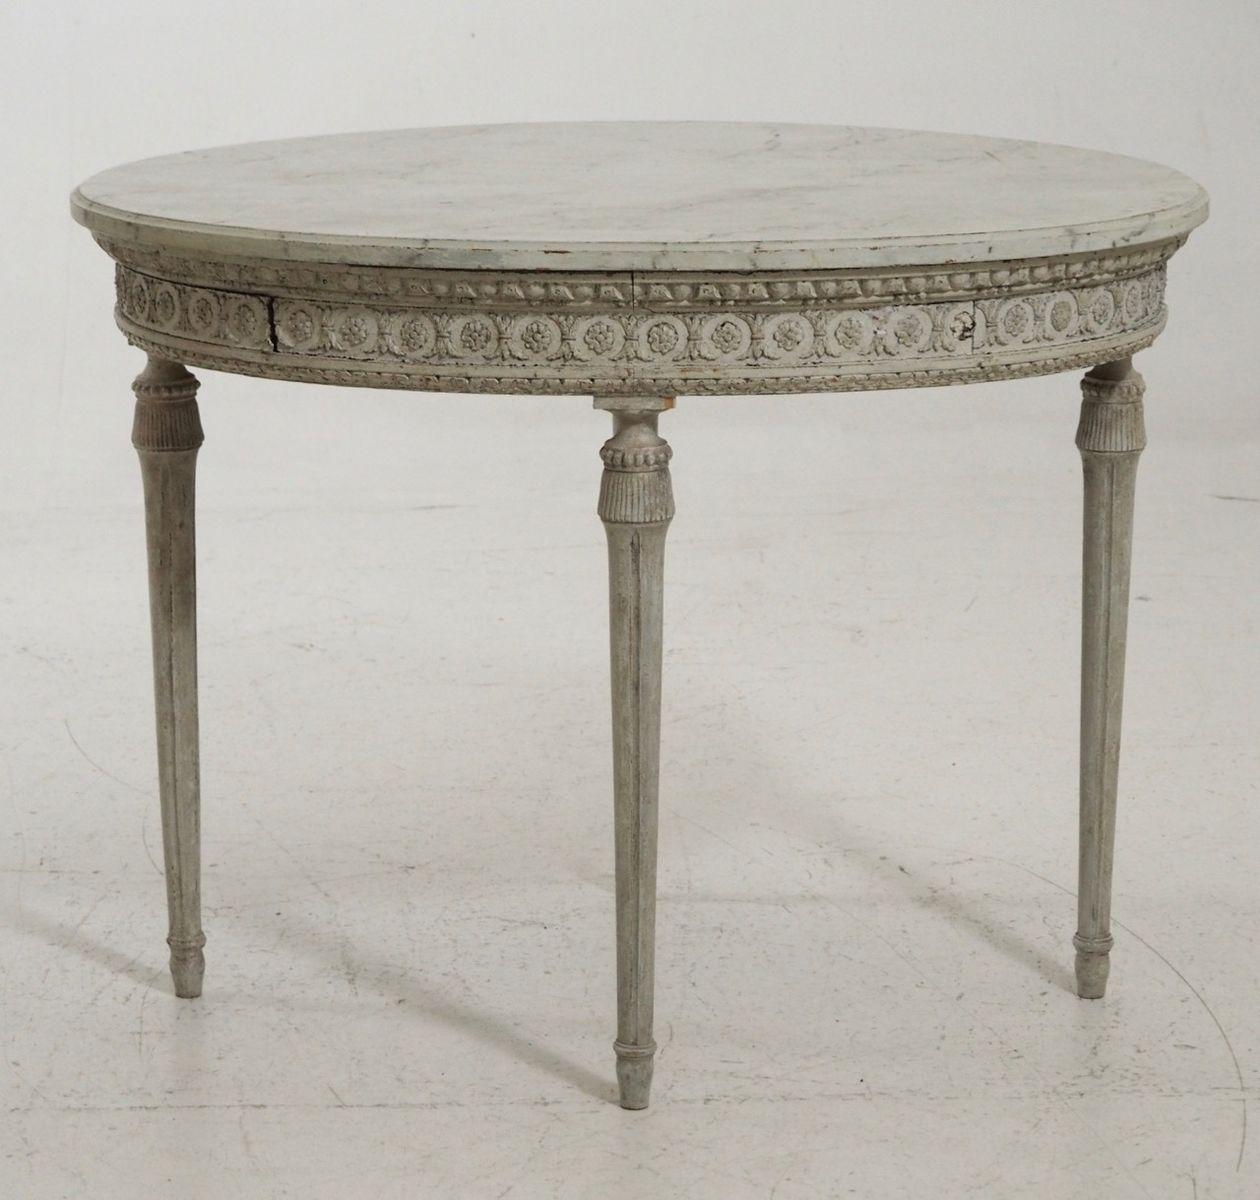 geschnitzter ovaler tisch 19 jh bei pamono kaufen. Black Bedroom Furniture Sets. Home Design Ideas